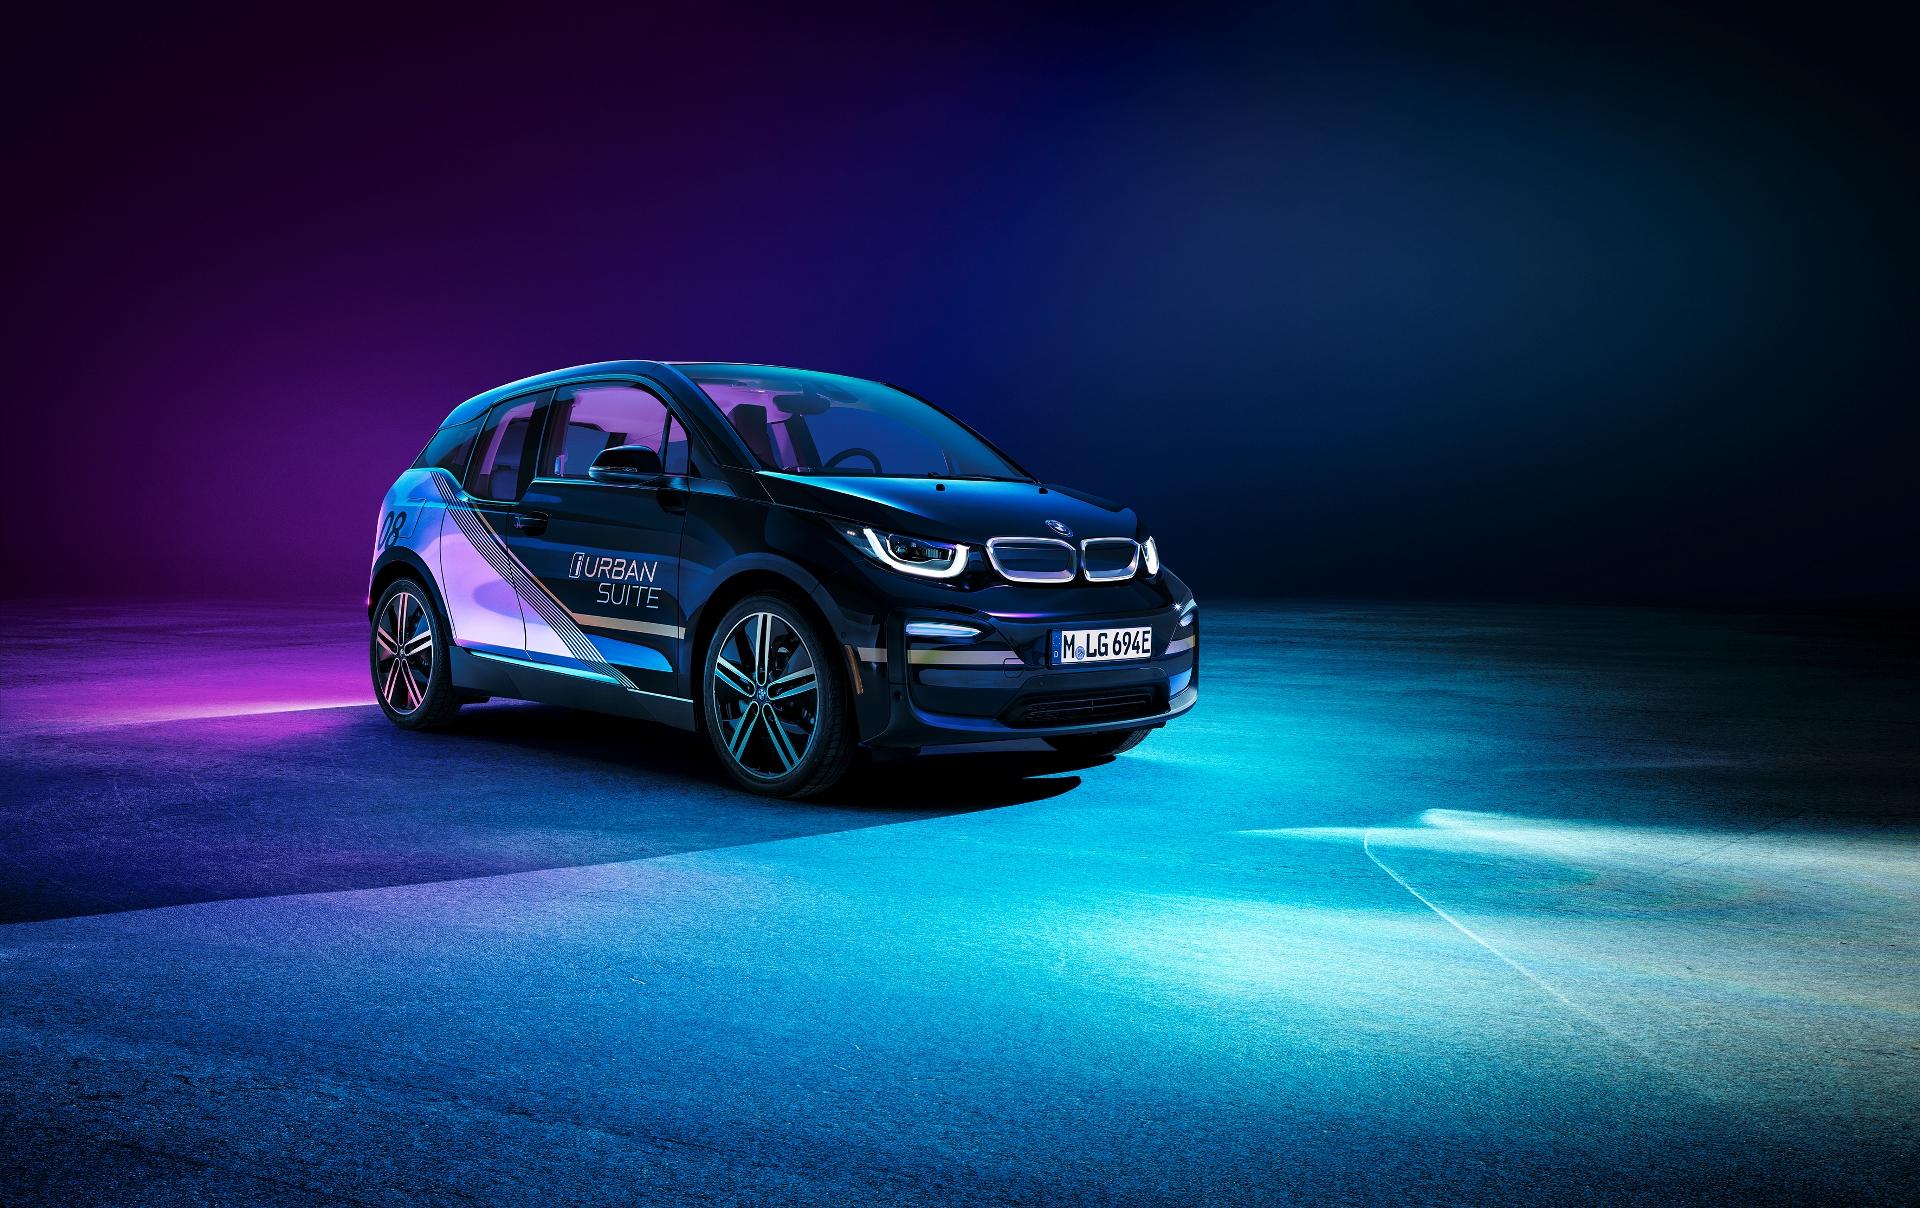 BMW i3 Urban Suite for CES 2020 Las Vegas 2